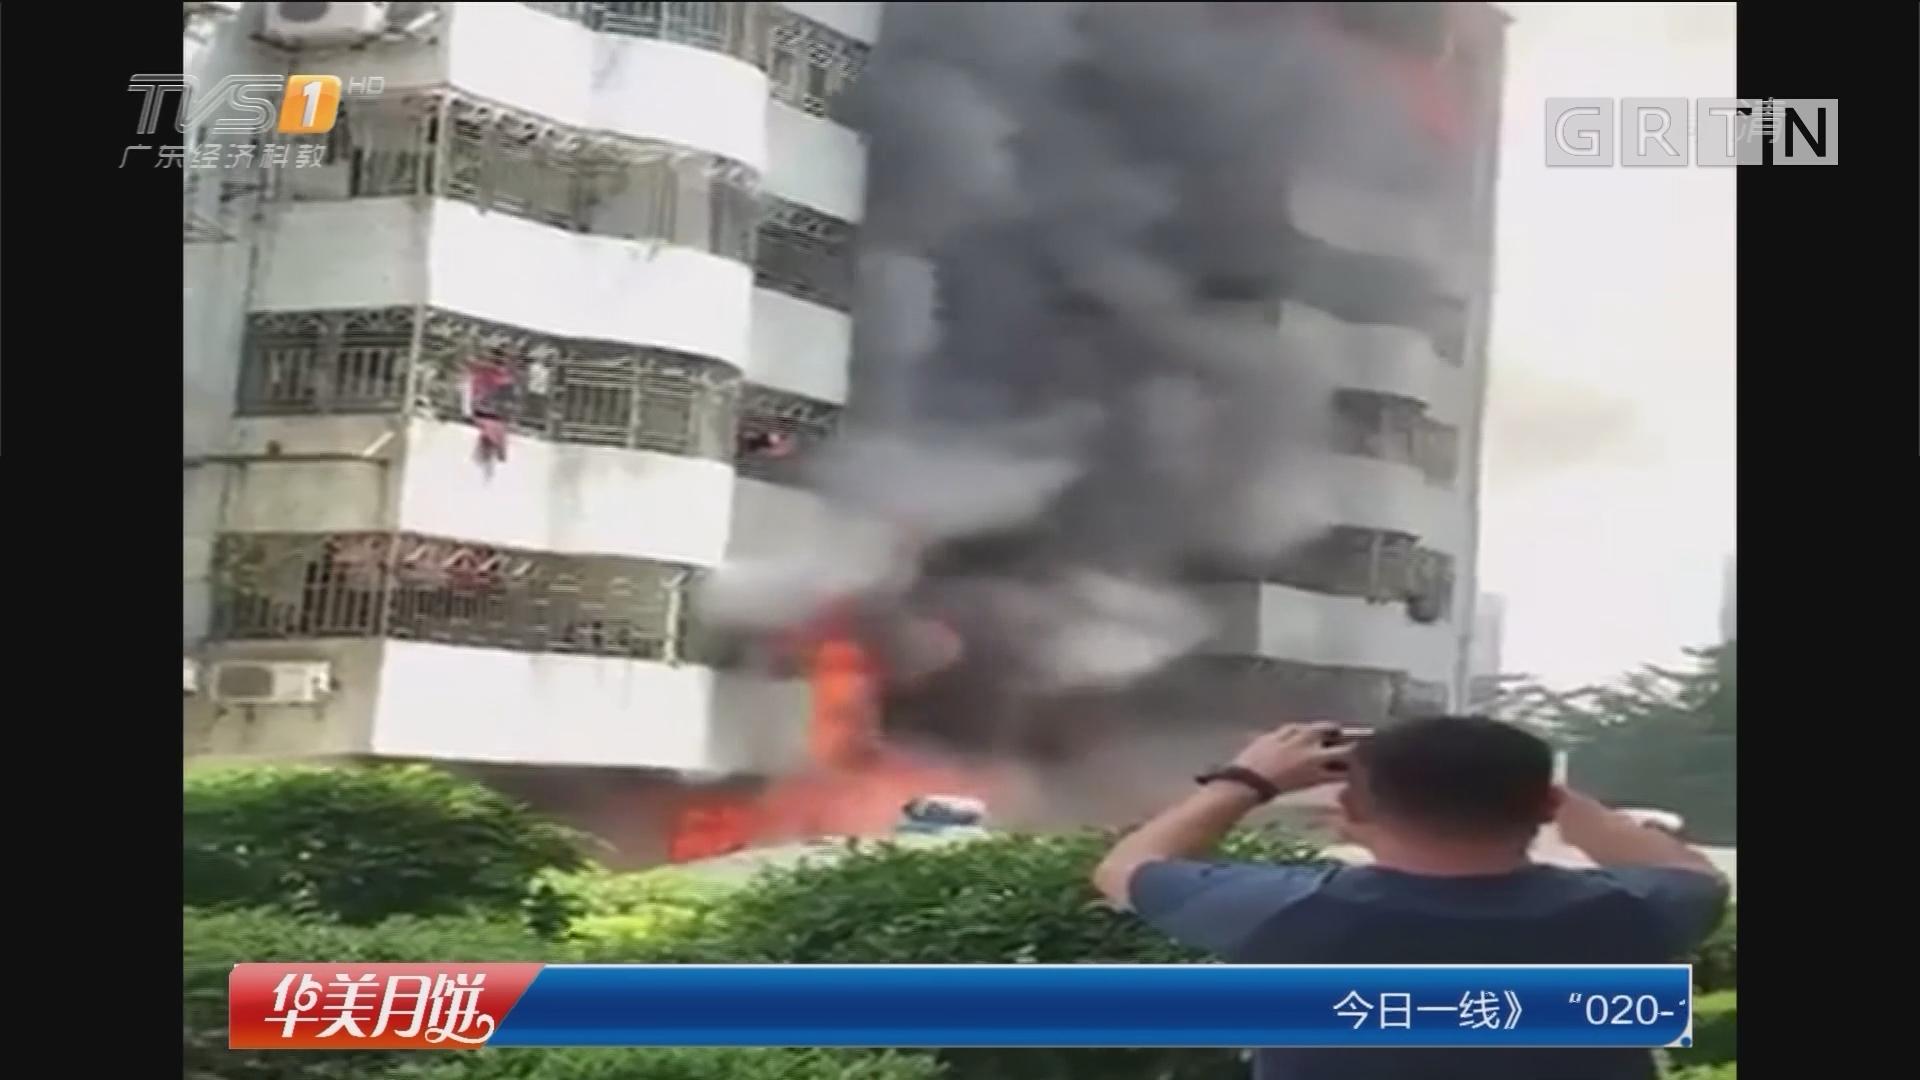 东莞:疑住改仓居民楼起火 消防紧急扑救